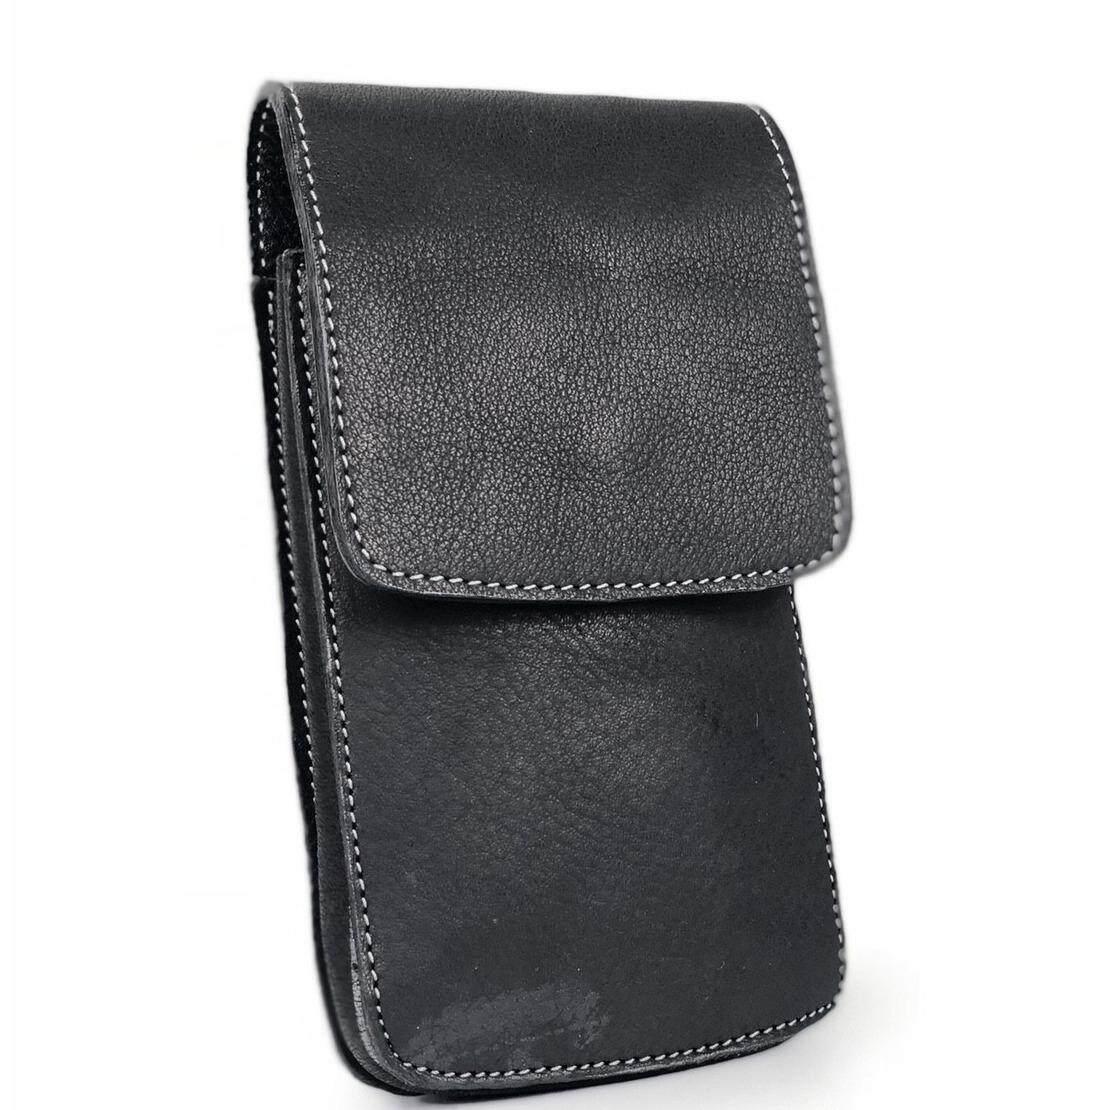 ส่วนลด Chinatown Leather กระเป๋ามือถือหนังแท้ รุ่น ฝาตั้งครึ่ง Iphone8 Iphone10 สีดำ กรุงเทพมหานคร